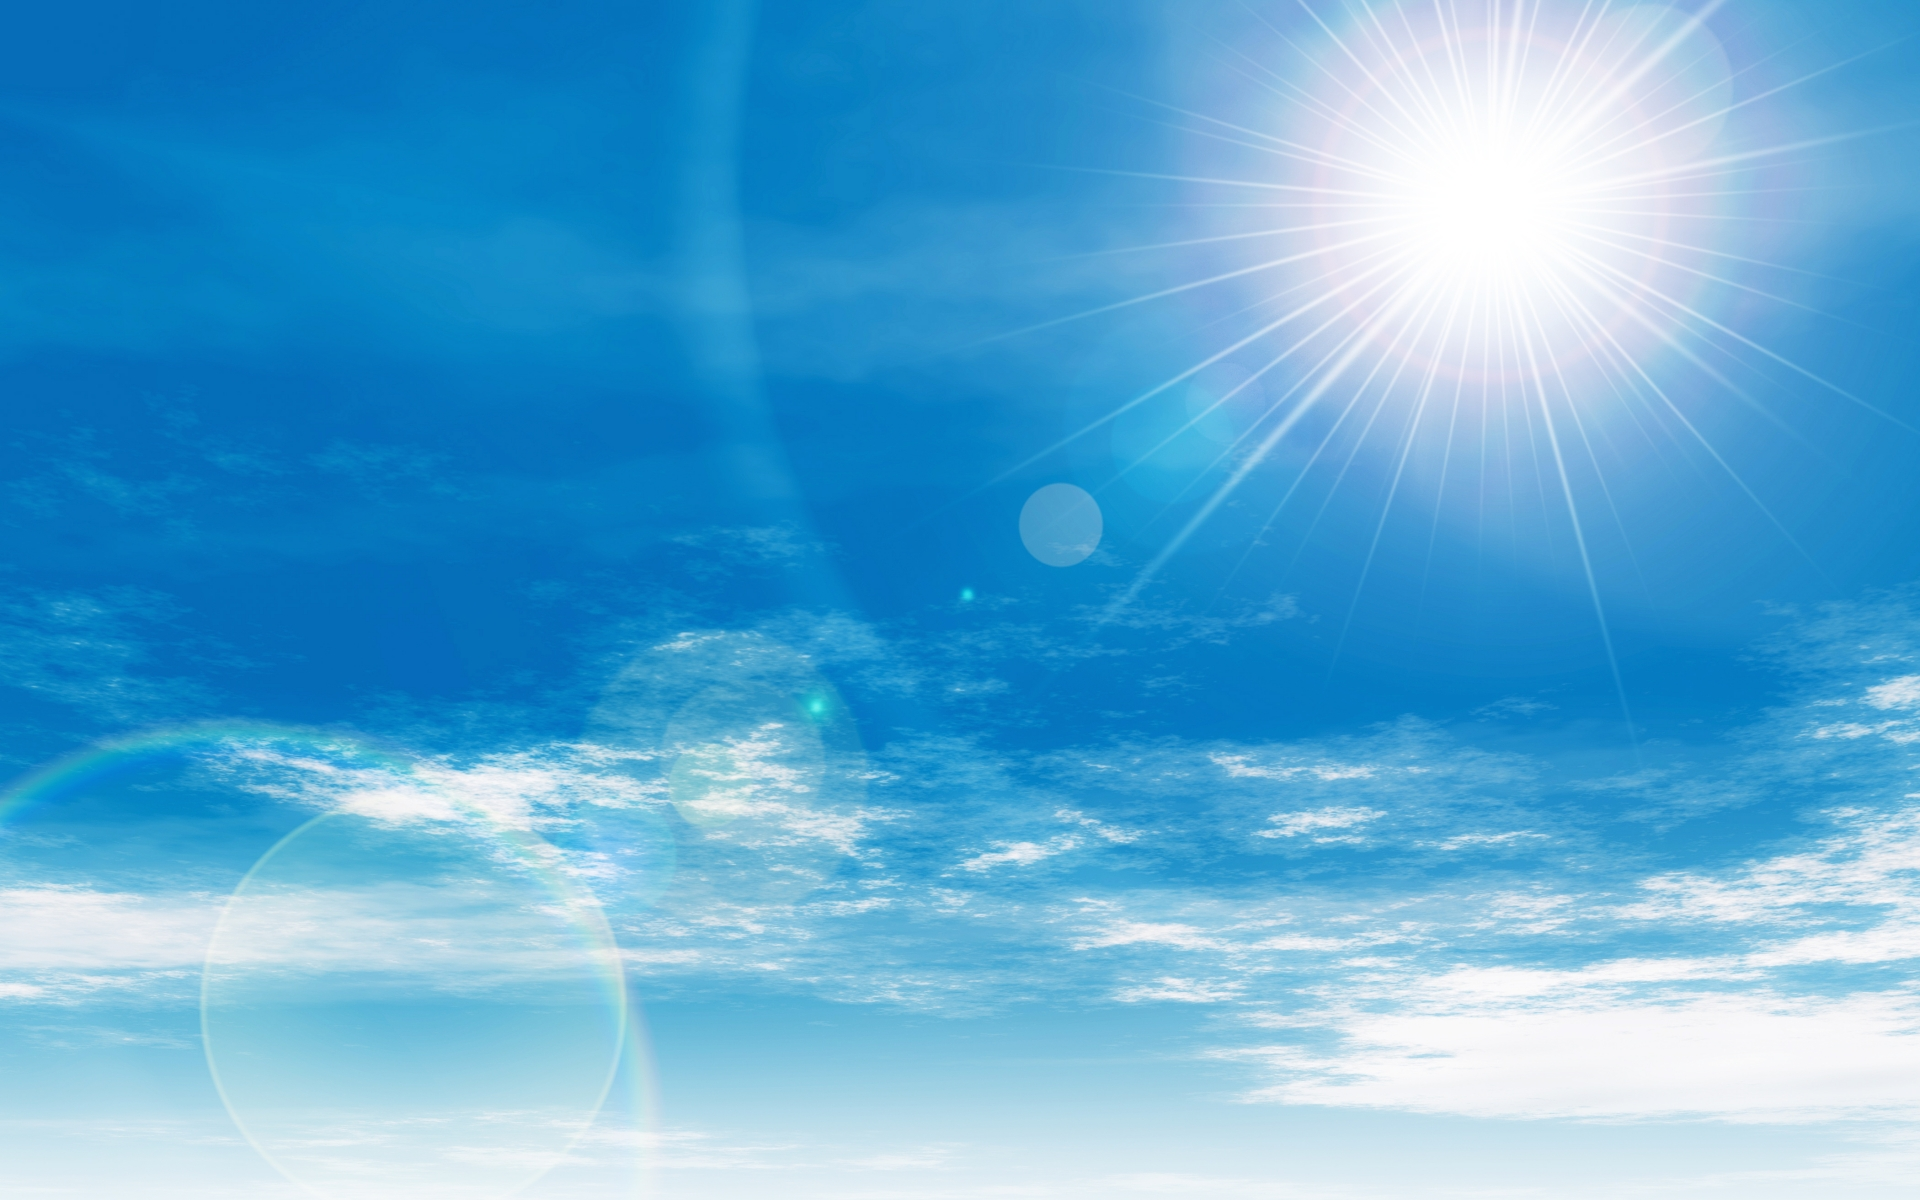 太陽光というエネルギーの恵み——その1 「いちばん陽の短い冬至に太陽光 ...